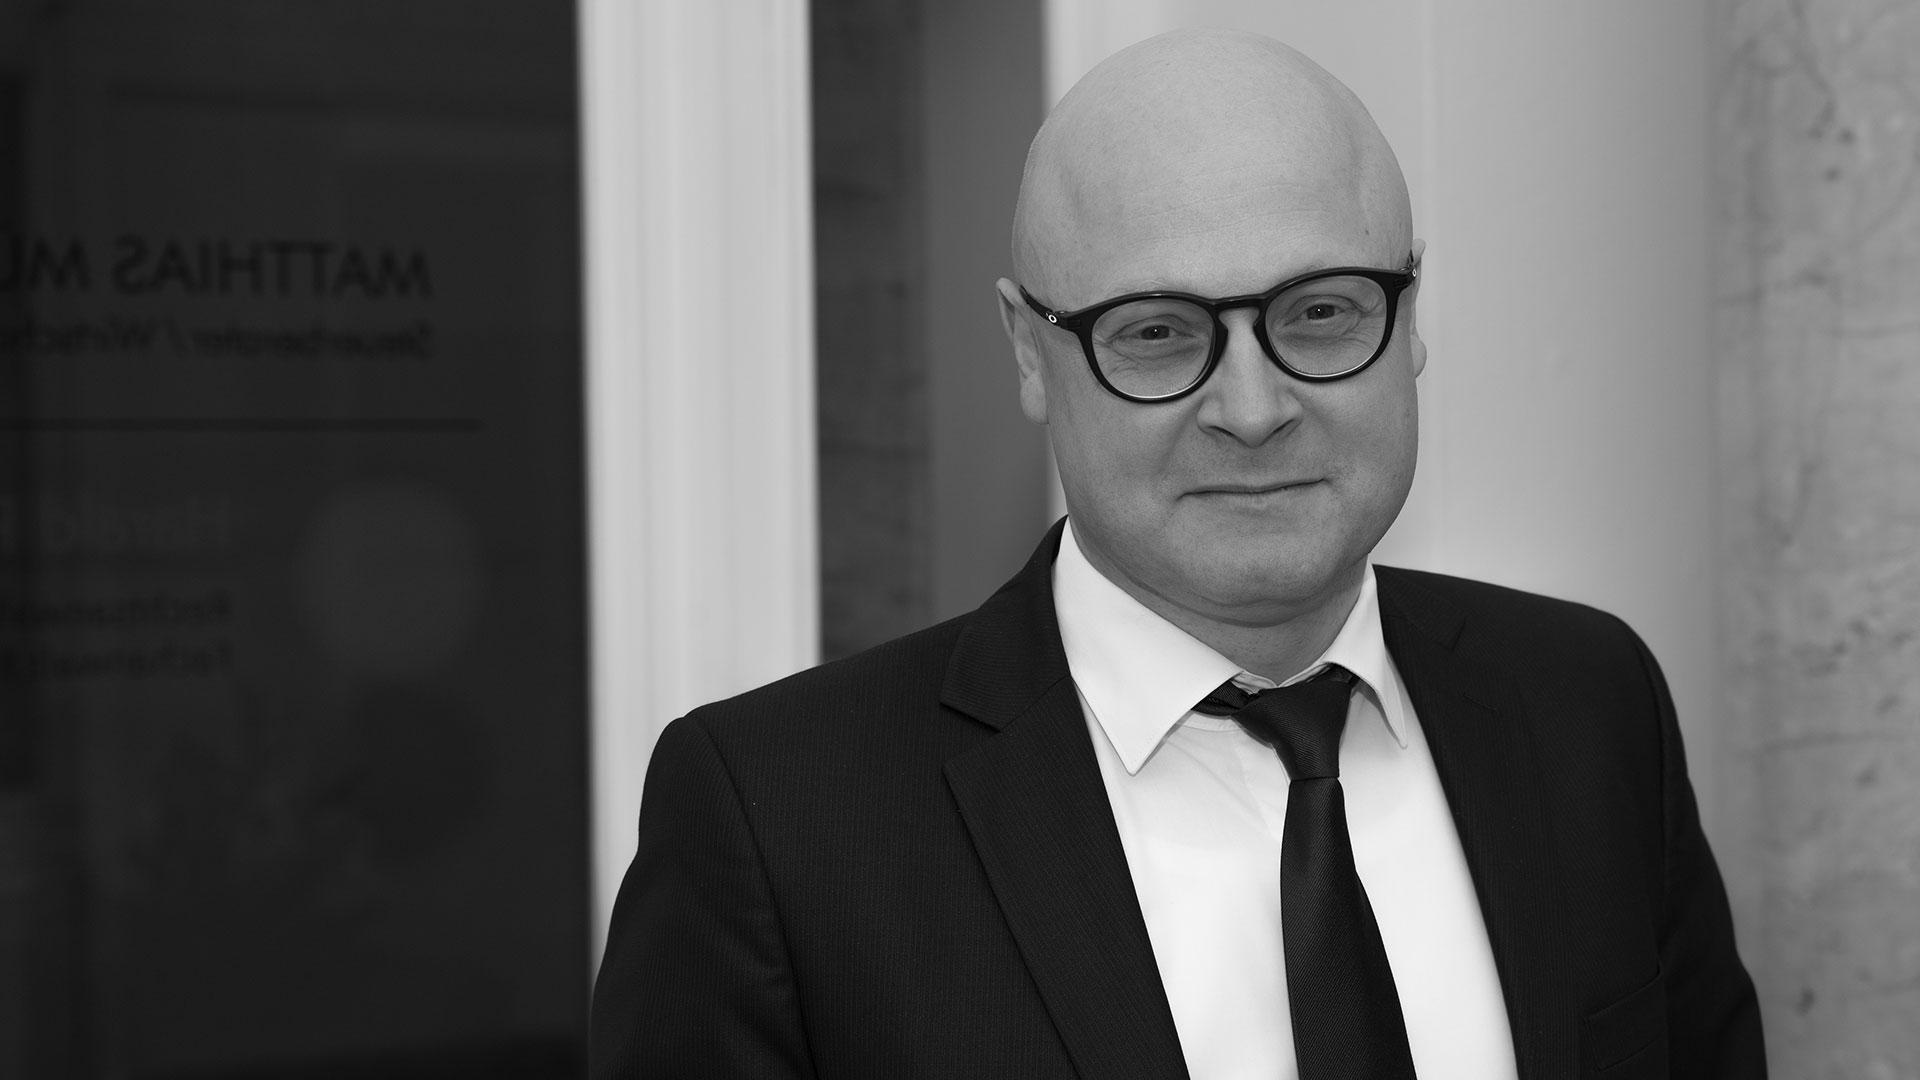 Harald Roos, Fachanwalt für Strafrecht